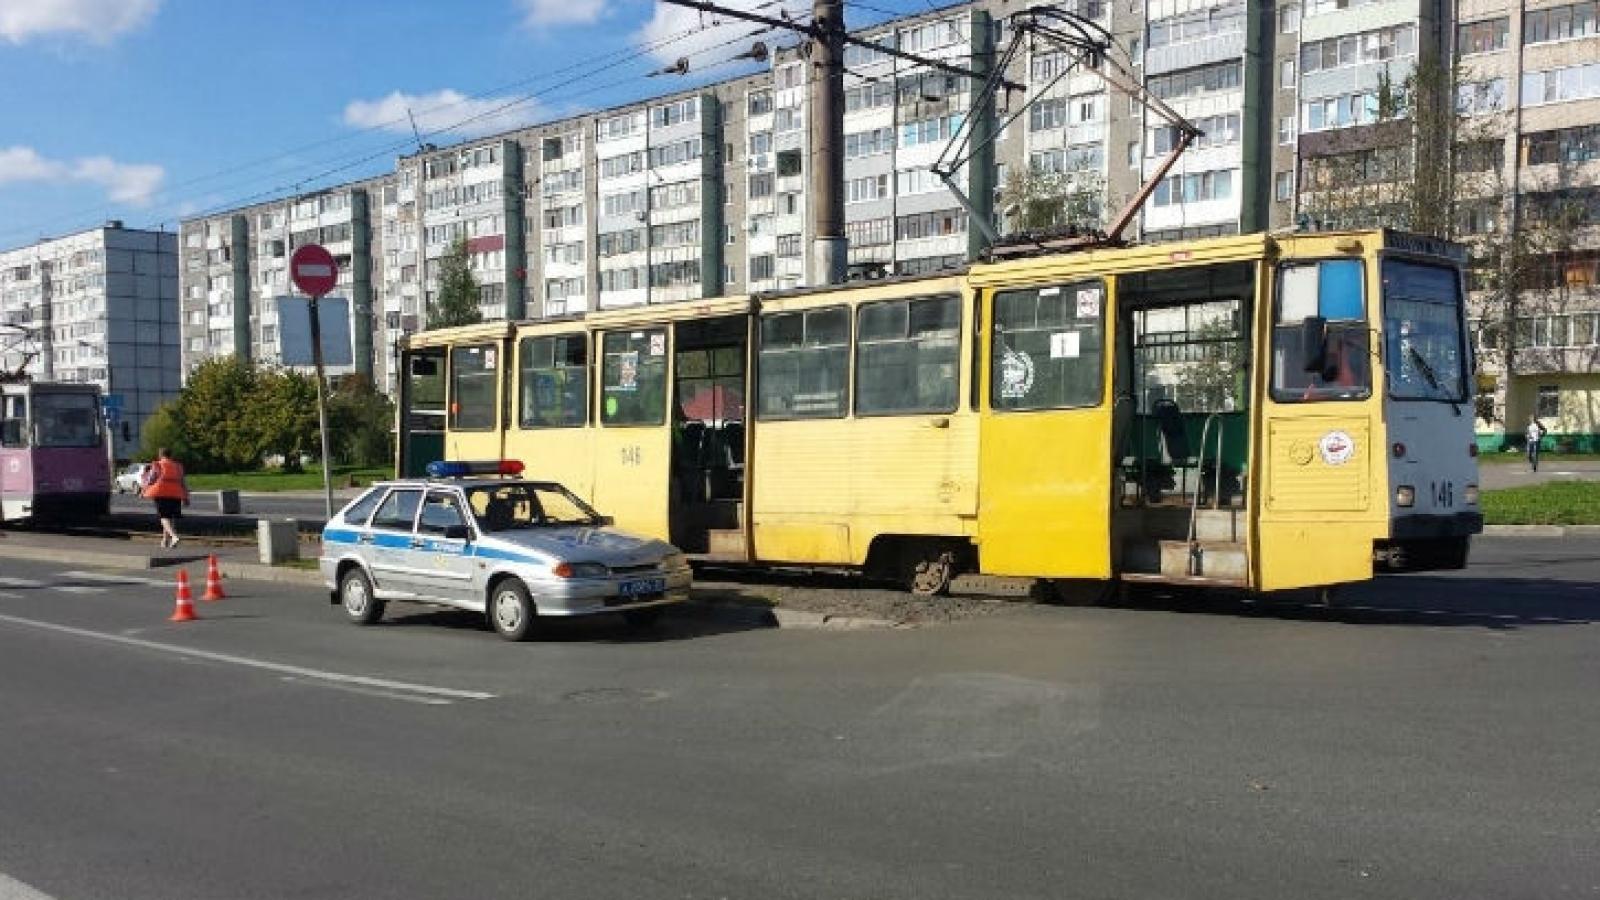 Трамвай сбил пожилую женщину в Череповце